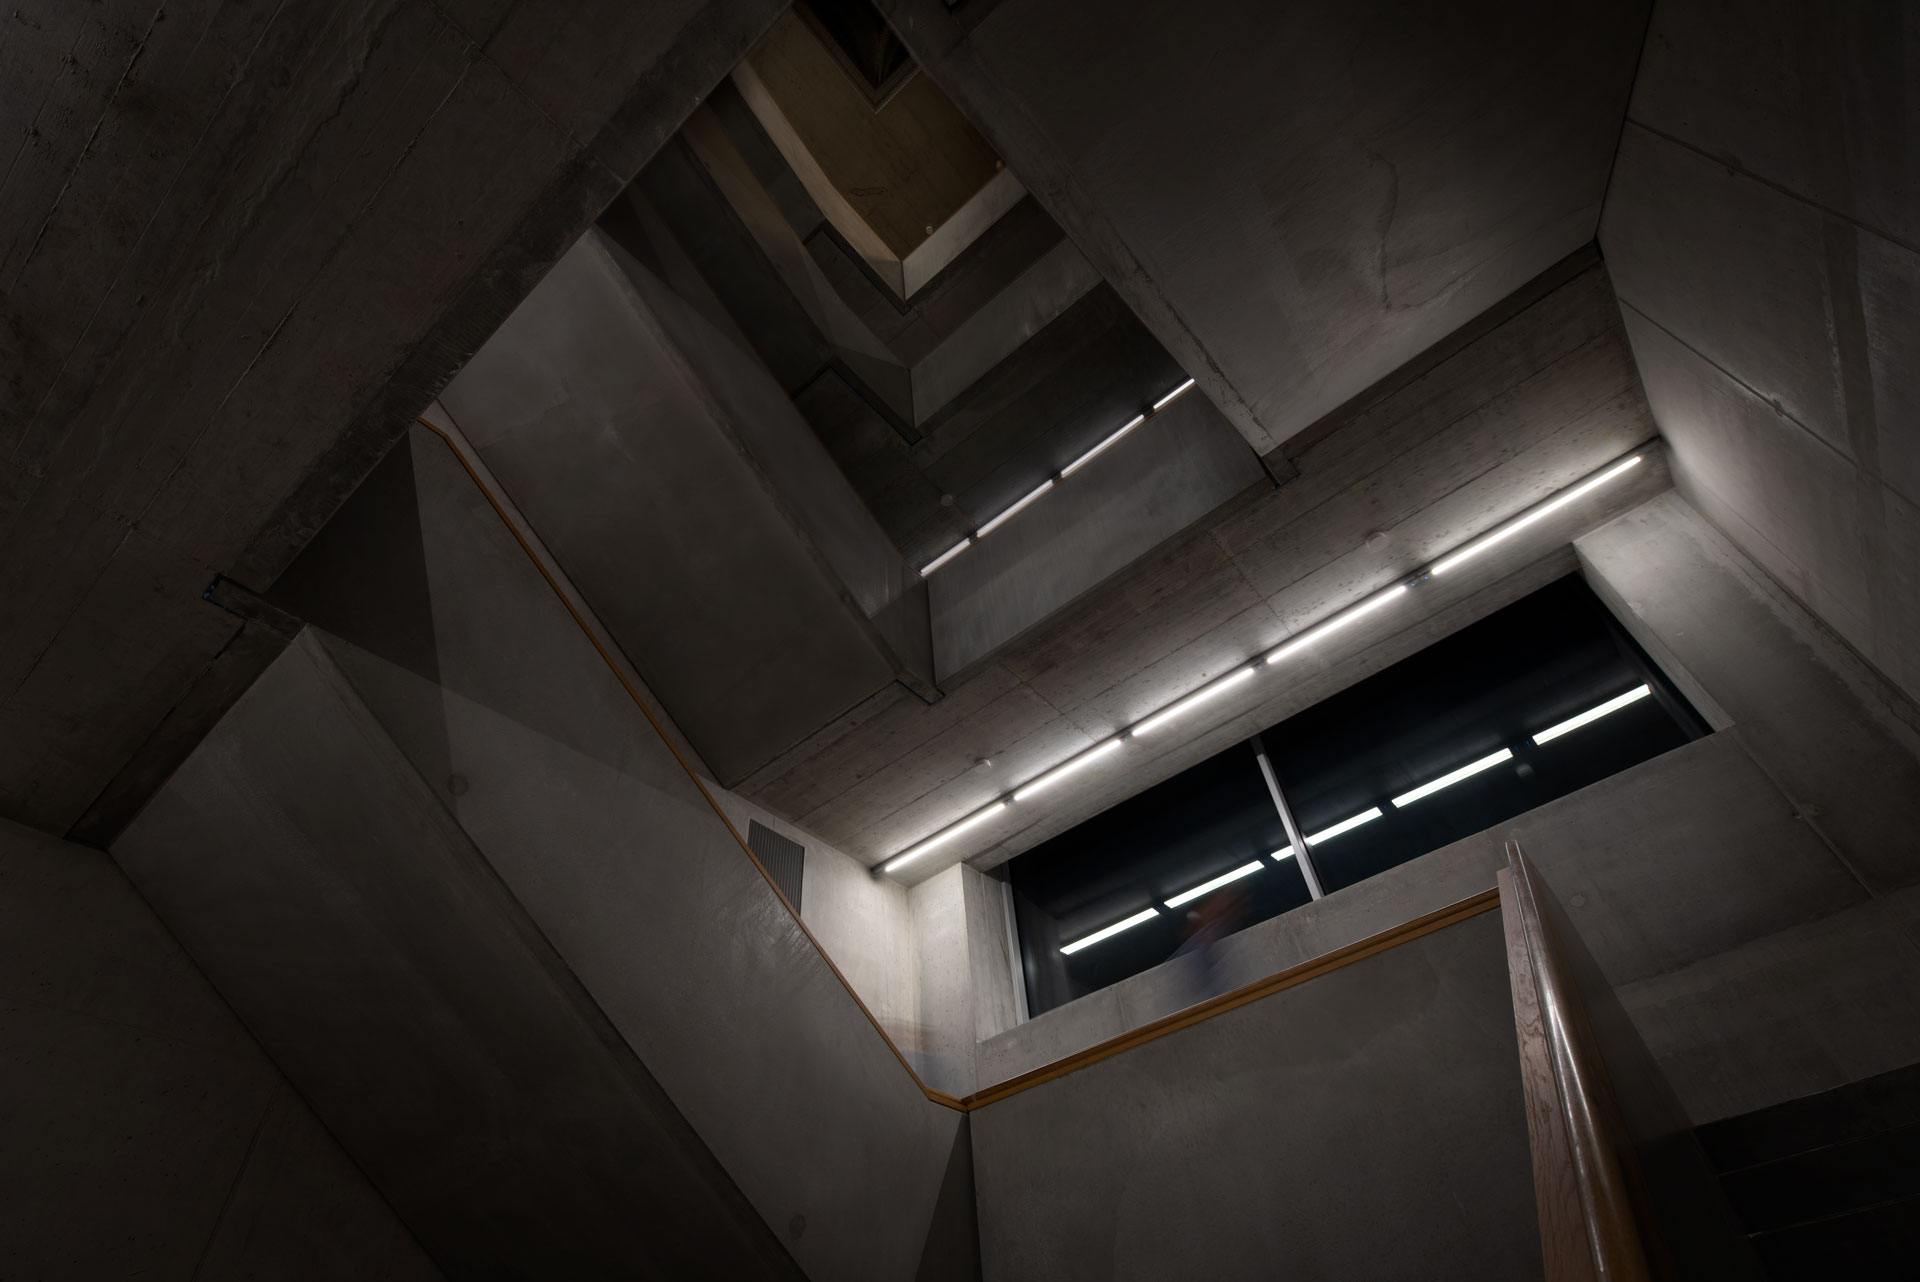 LEDCity-Röhren im Treppenhaus der ZHdK